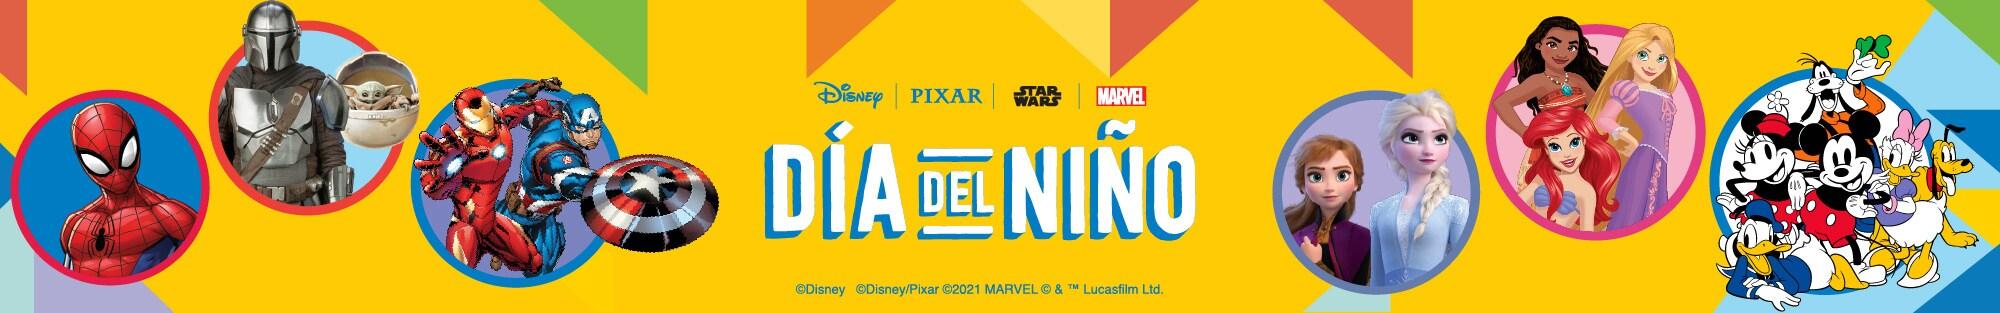 Mid_ShopDisney_Abr21_Dia del Niño (Home)